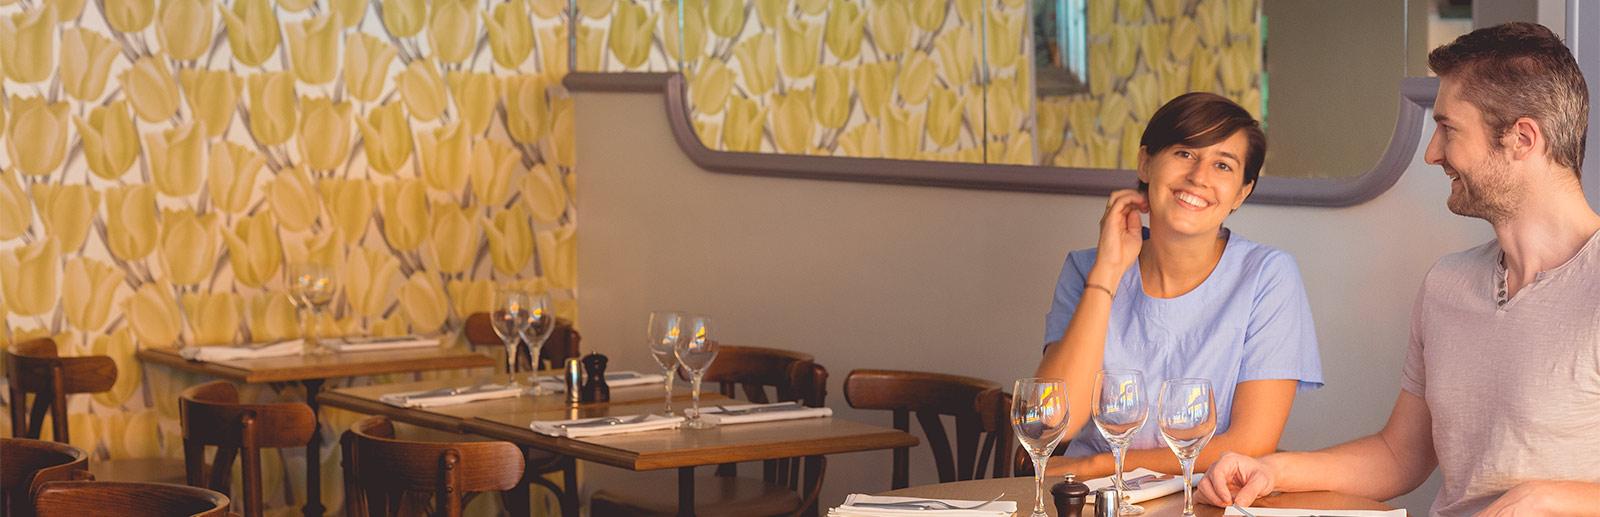 10 migliori ristoranti donne 8 marzo Napoli 2016